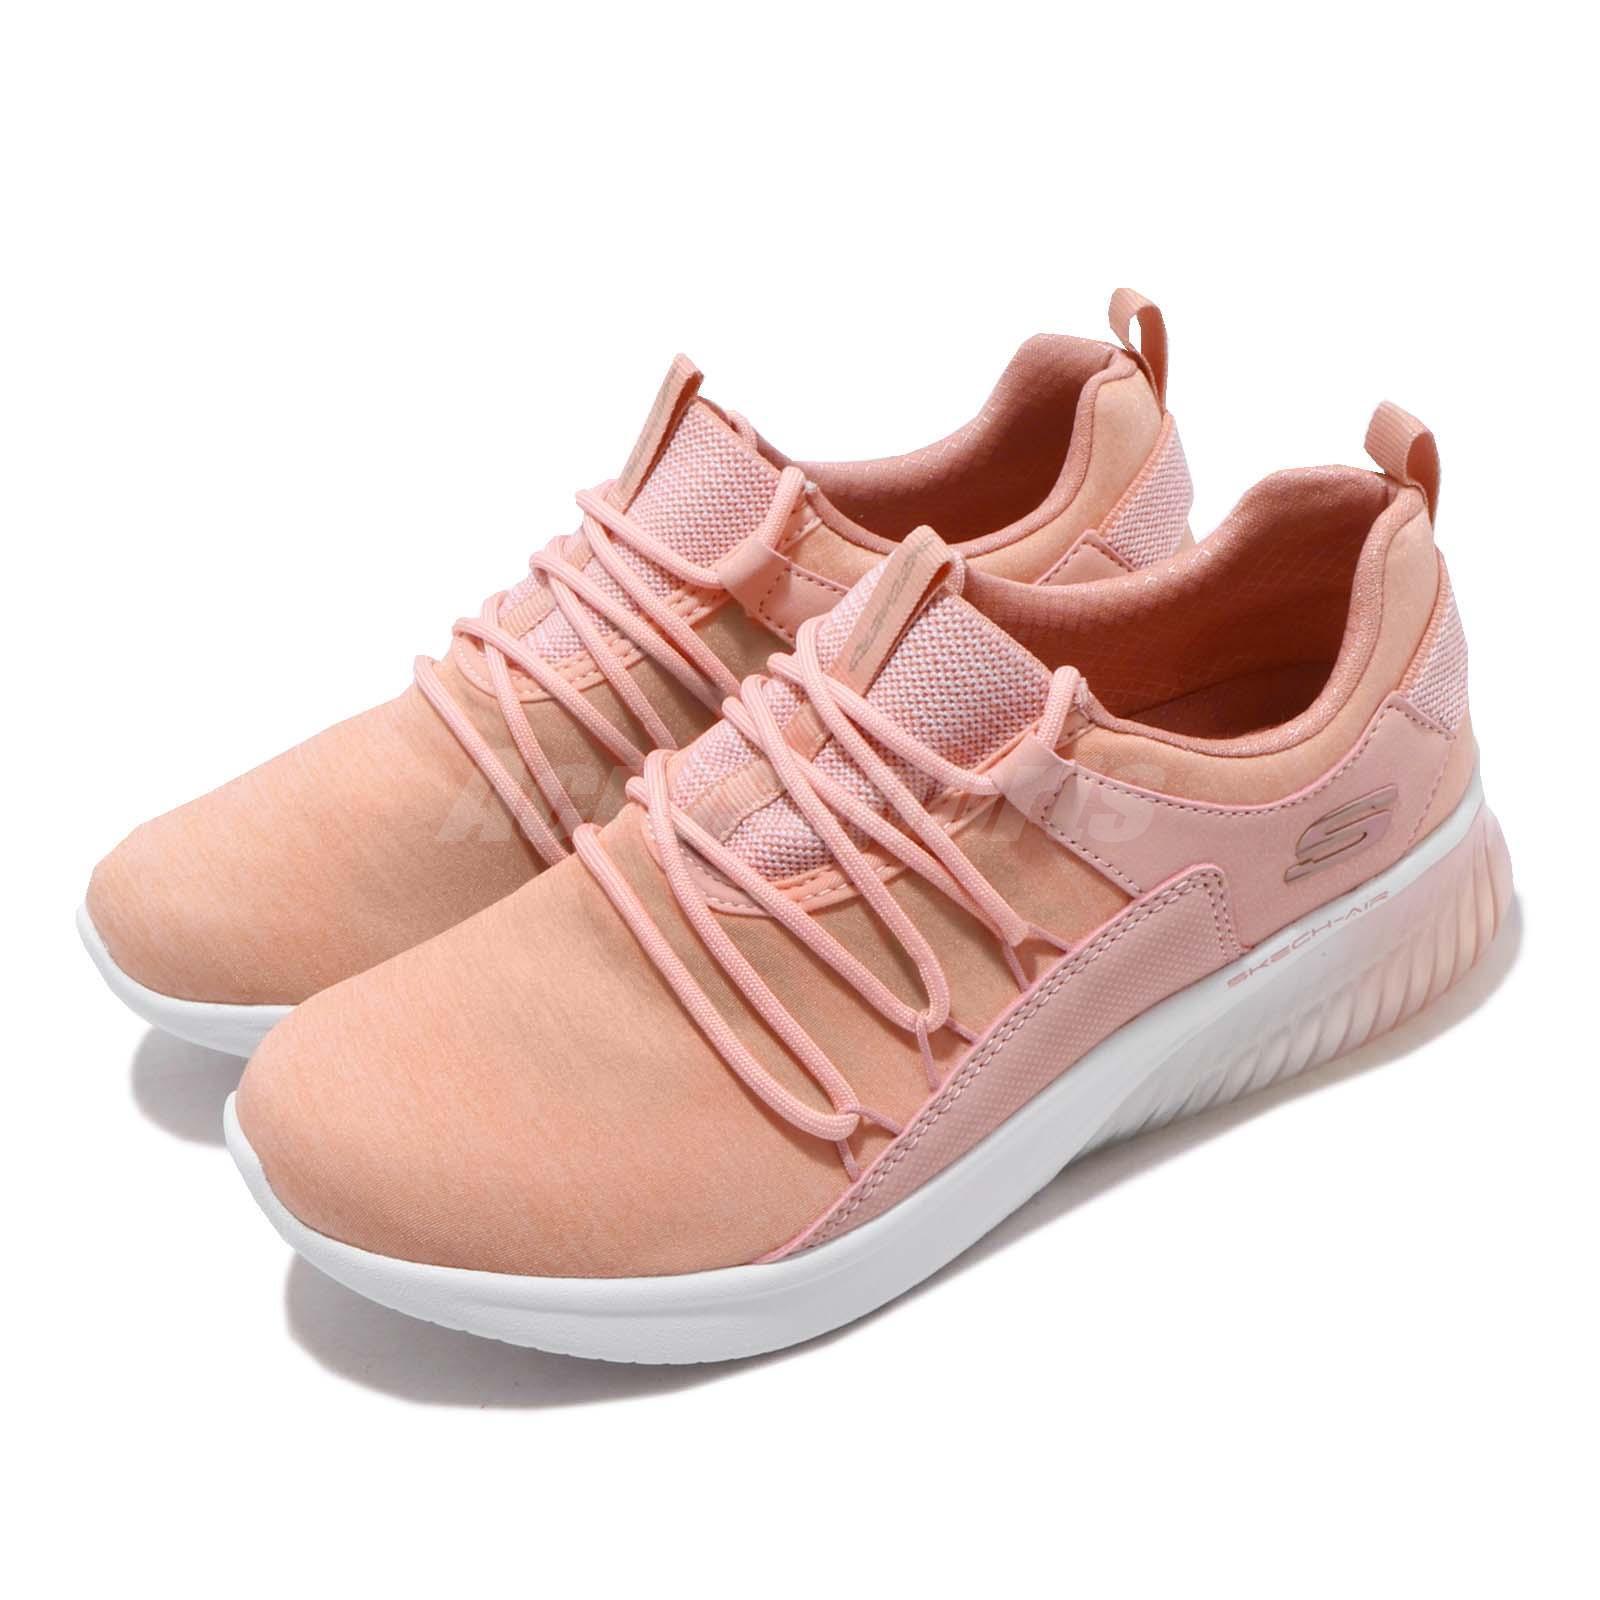 Skechers Skech-Air Ultra Flex-Lite Breeze rosado Mujeres Zapato de de de correr 13292-ROS  Tu satisfacción es nuestro objetivo